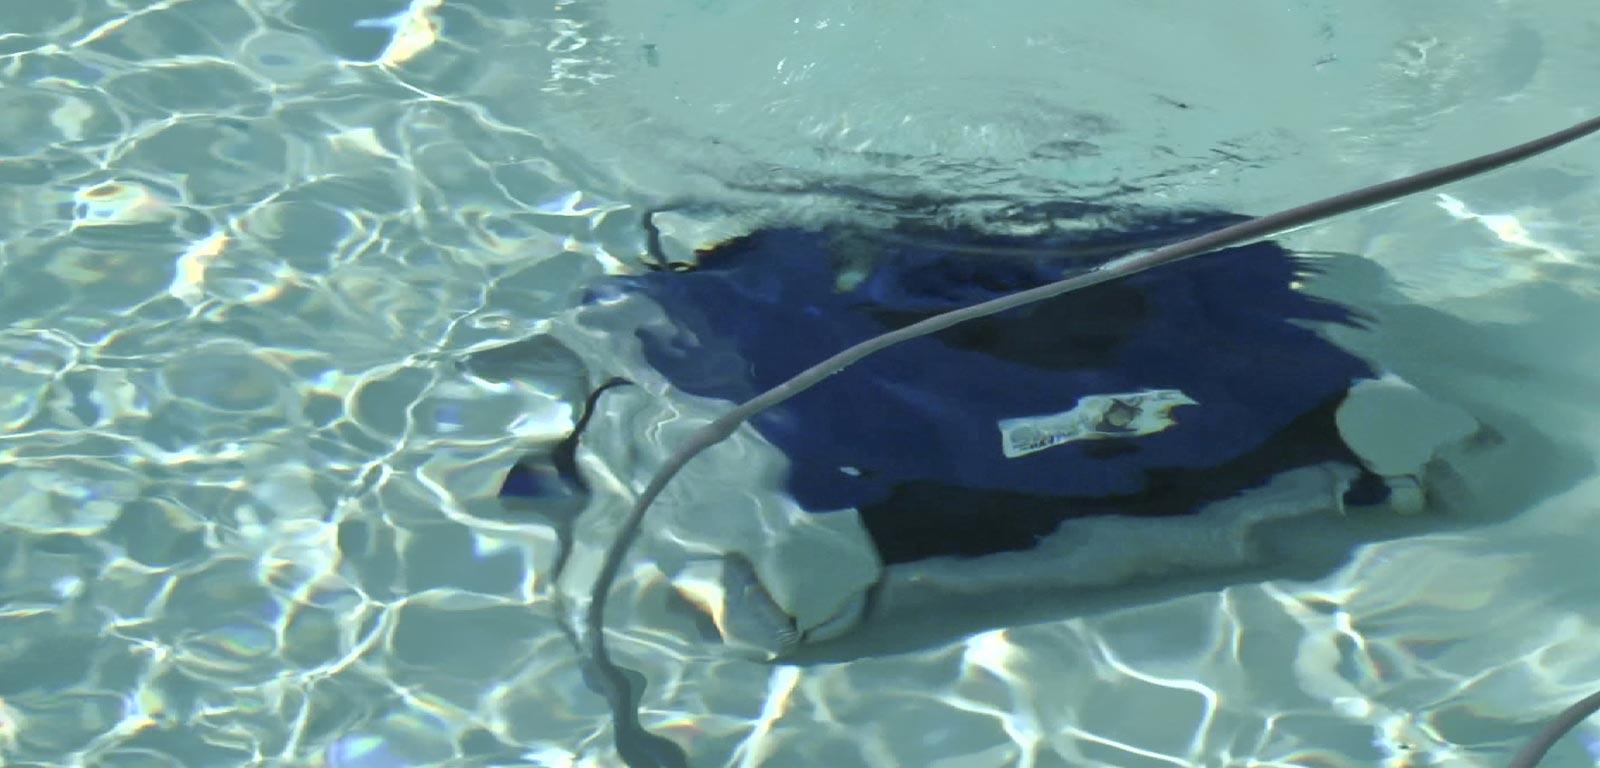 Sistemi di pulizia robot e filtri piscine castiglione for Pulizia piscina